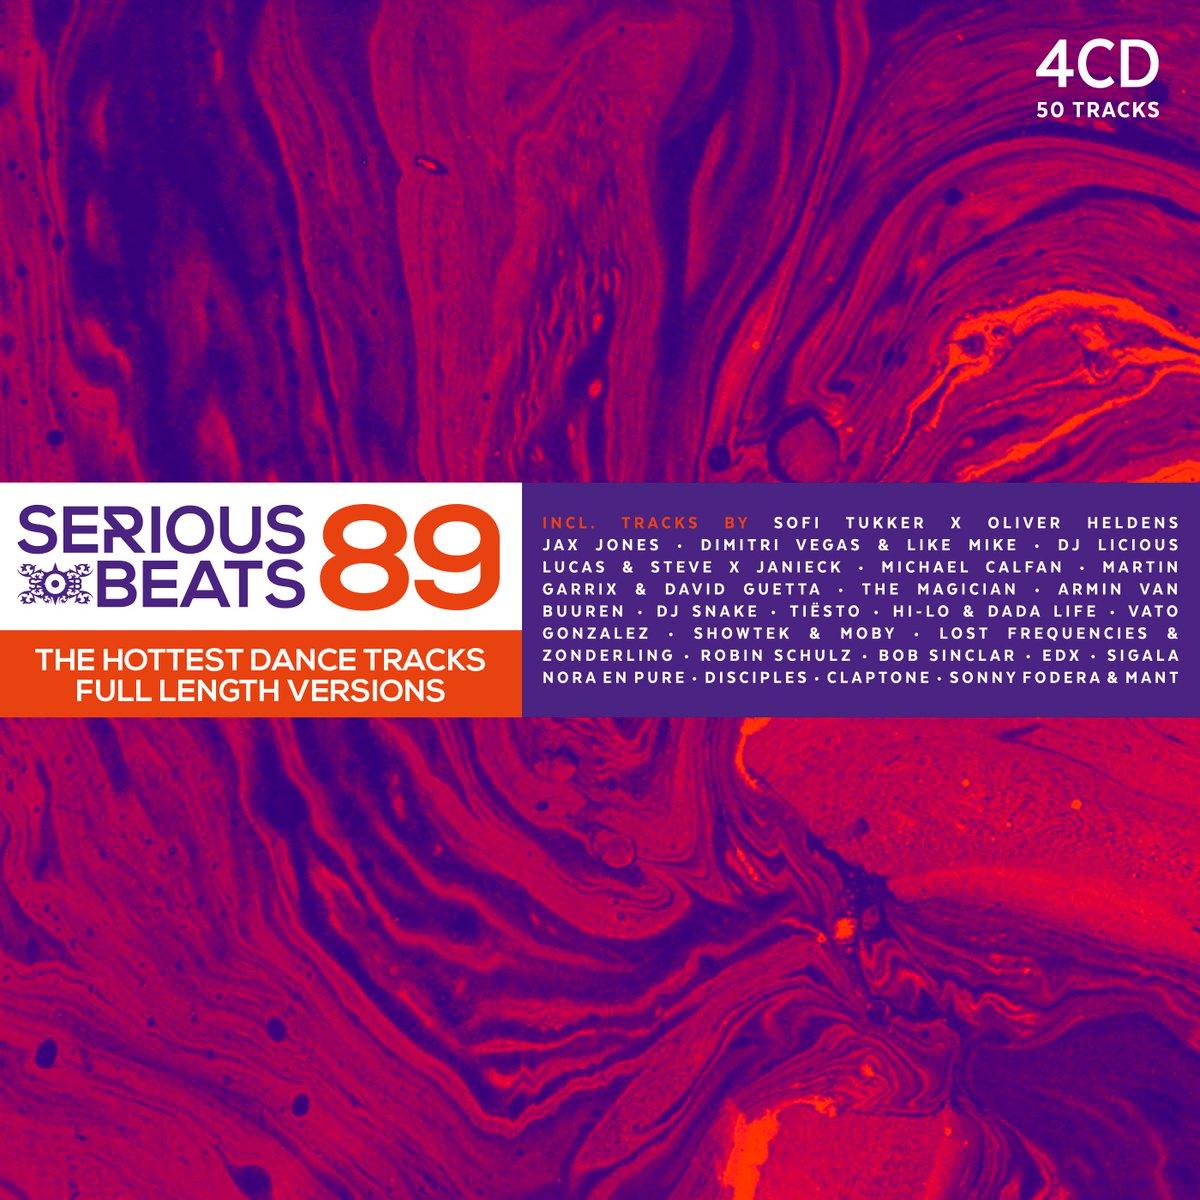 Image of VARIOUS ARTISTS - SERIOUS BEATS 89 (4CD)